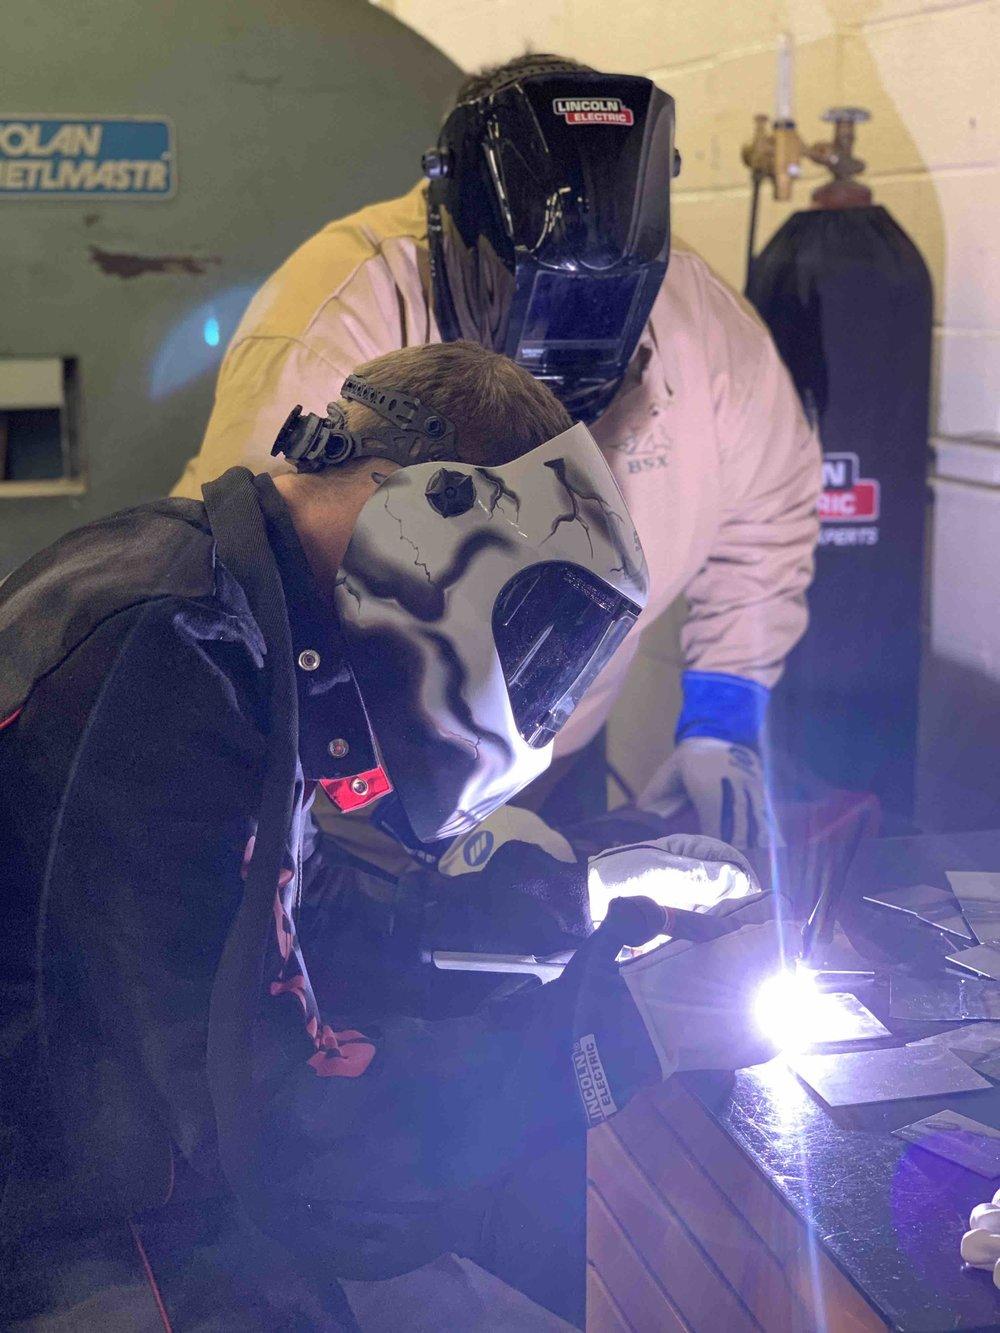 Fuller-Moto-Welding-Workshop-Jan2019-6.jpg